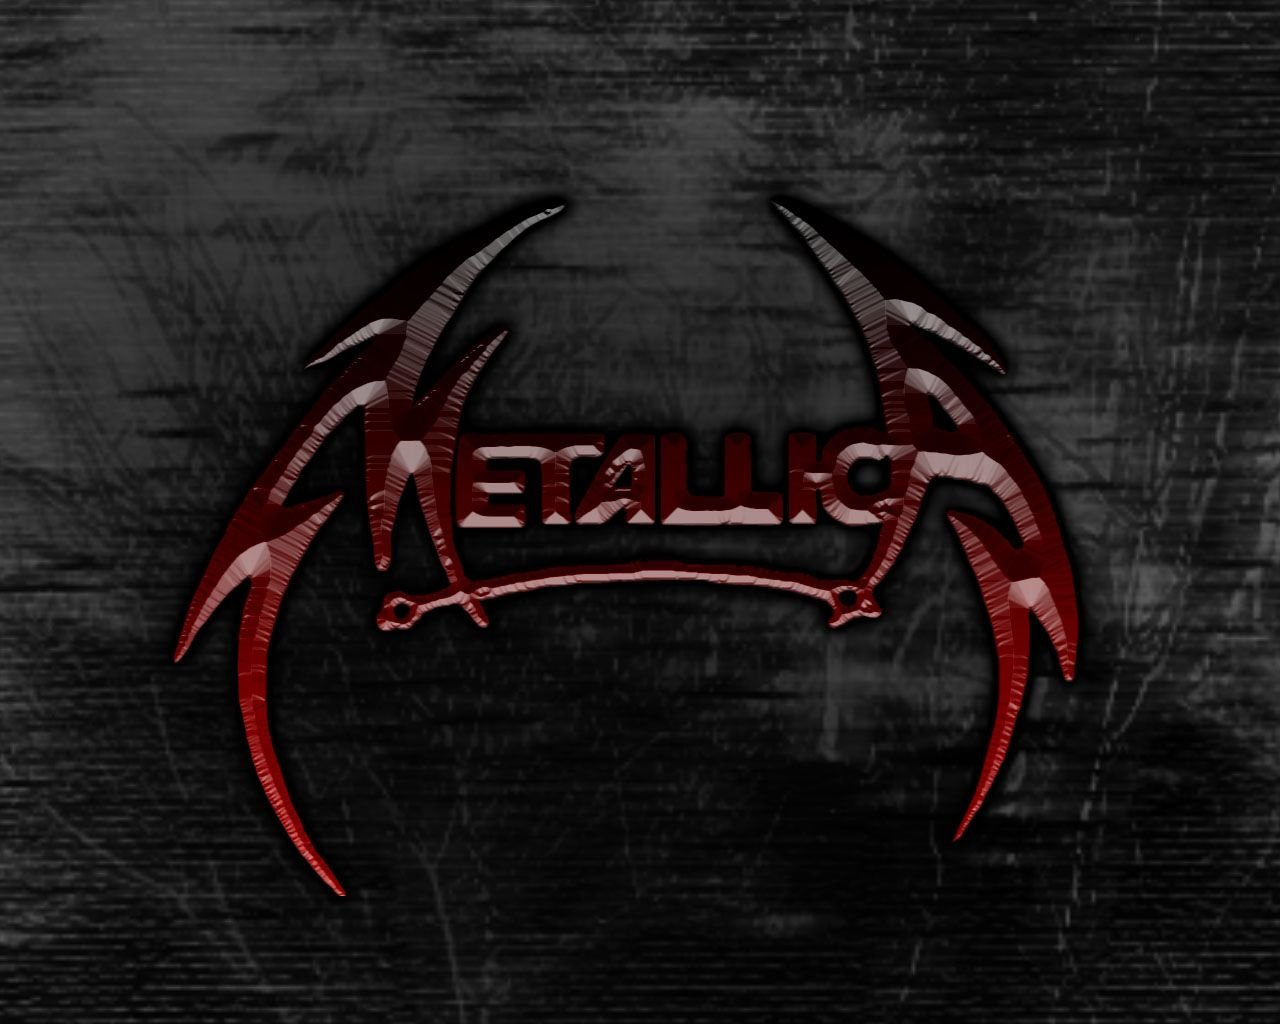 Metallica Logo Wallpaper  14   Metallicawallpapercom 1280x1024